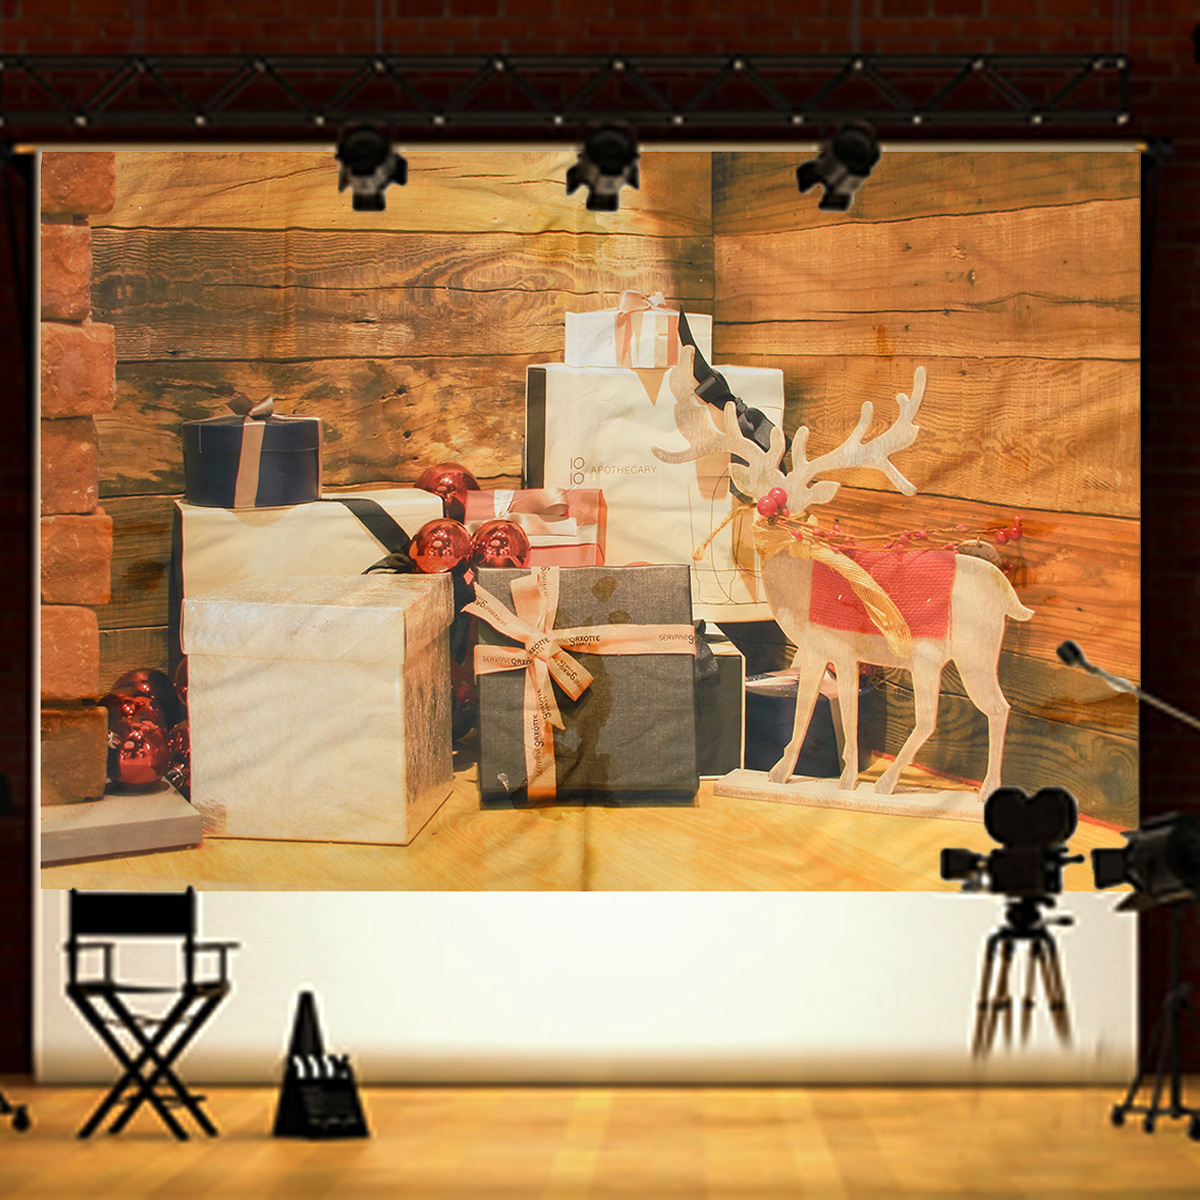 Impression Photo Planche Bois 7x5ft vinyle photographie décors de noël cadeaux de bois de wapiti planche  pour impression nouveau-né fond pour les accessoires de studio de photo